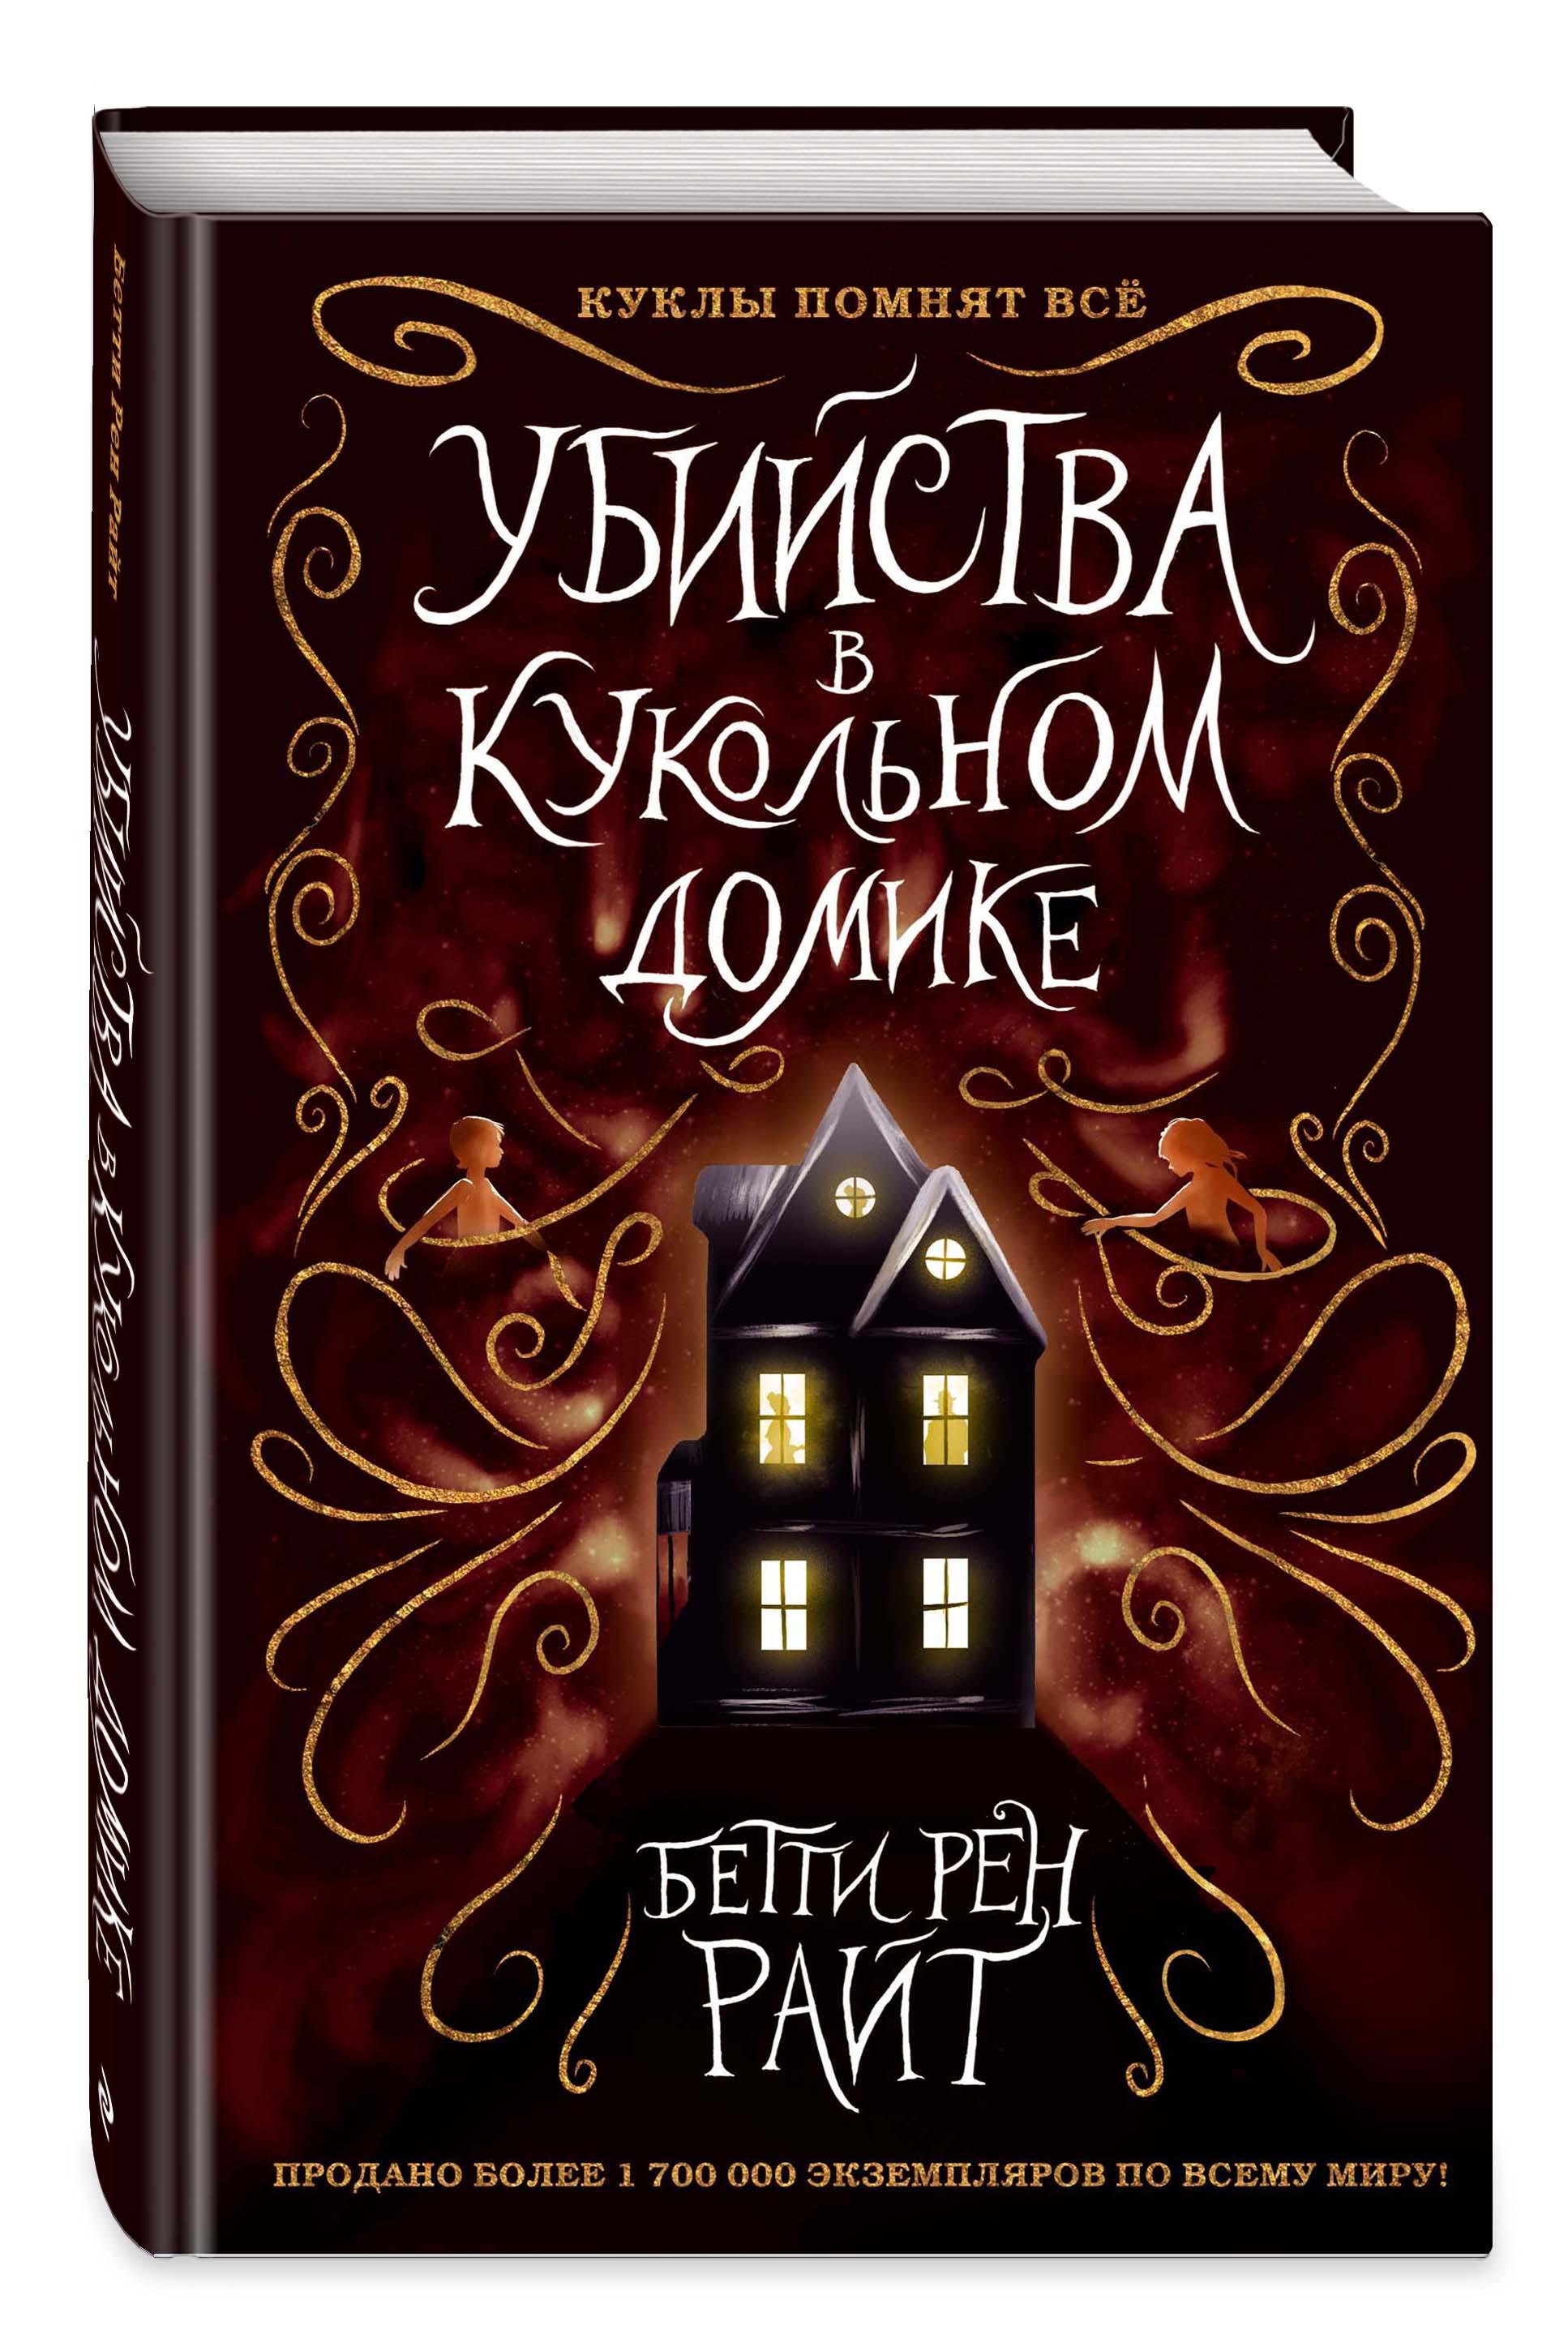 Бетти Рен Райт Убийства в кукольном домике (выпуск 1) анна вольтц ночь в кукольном домике